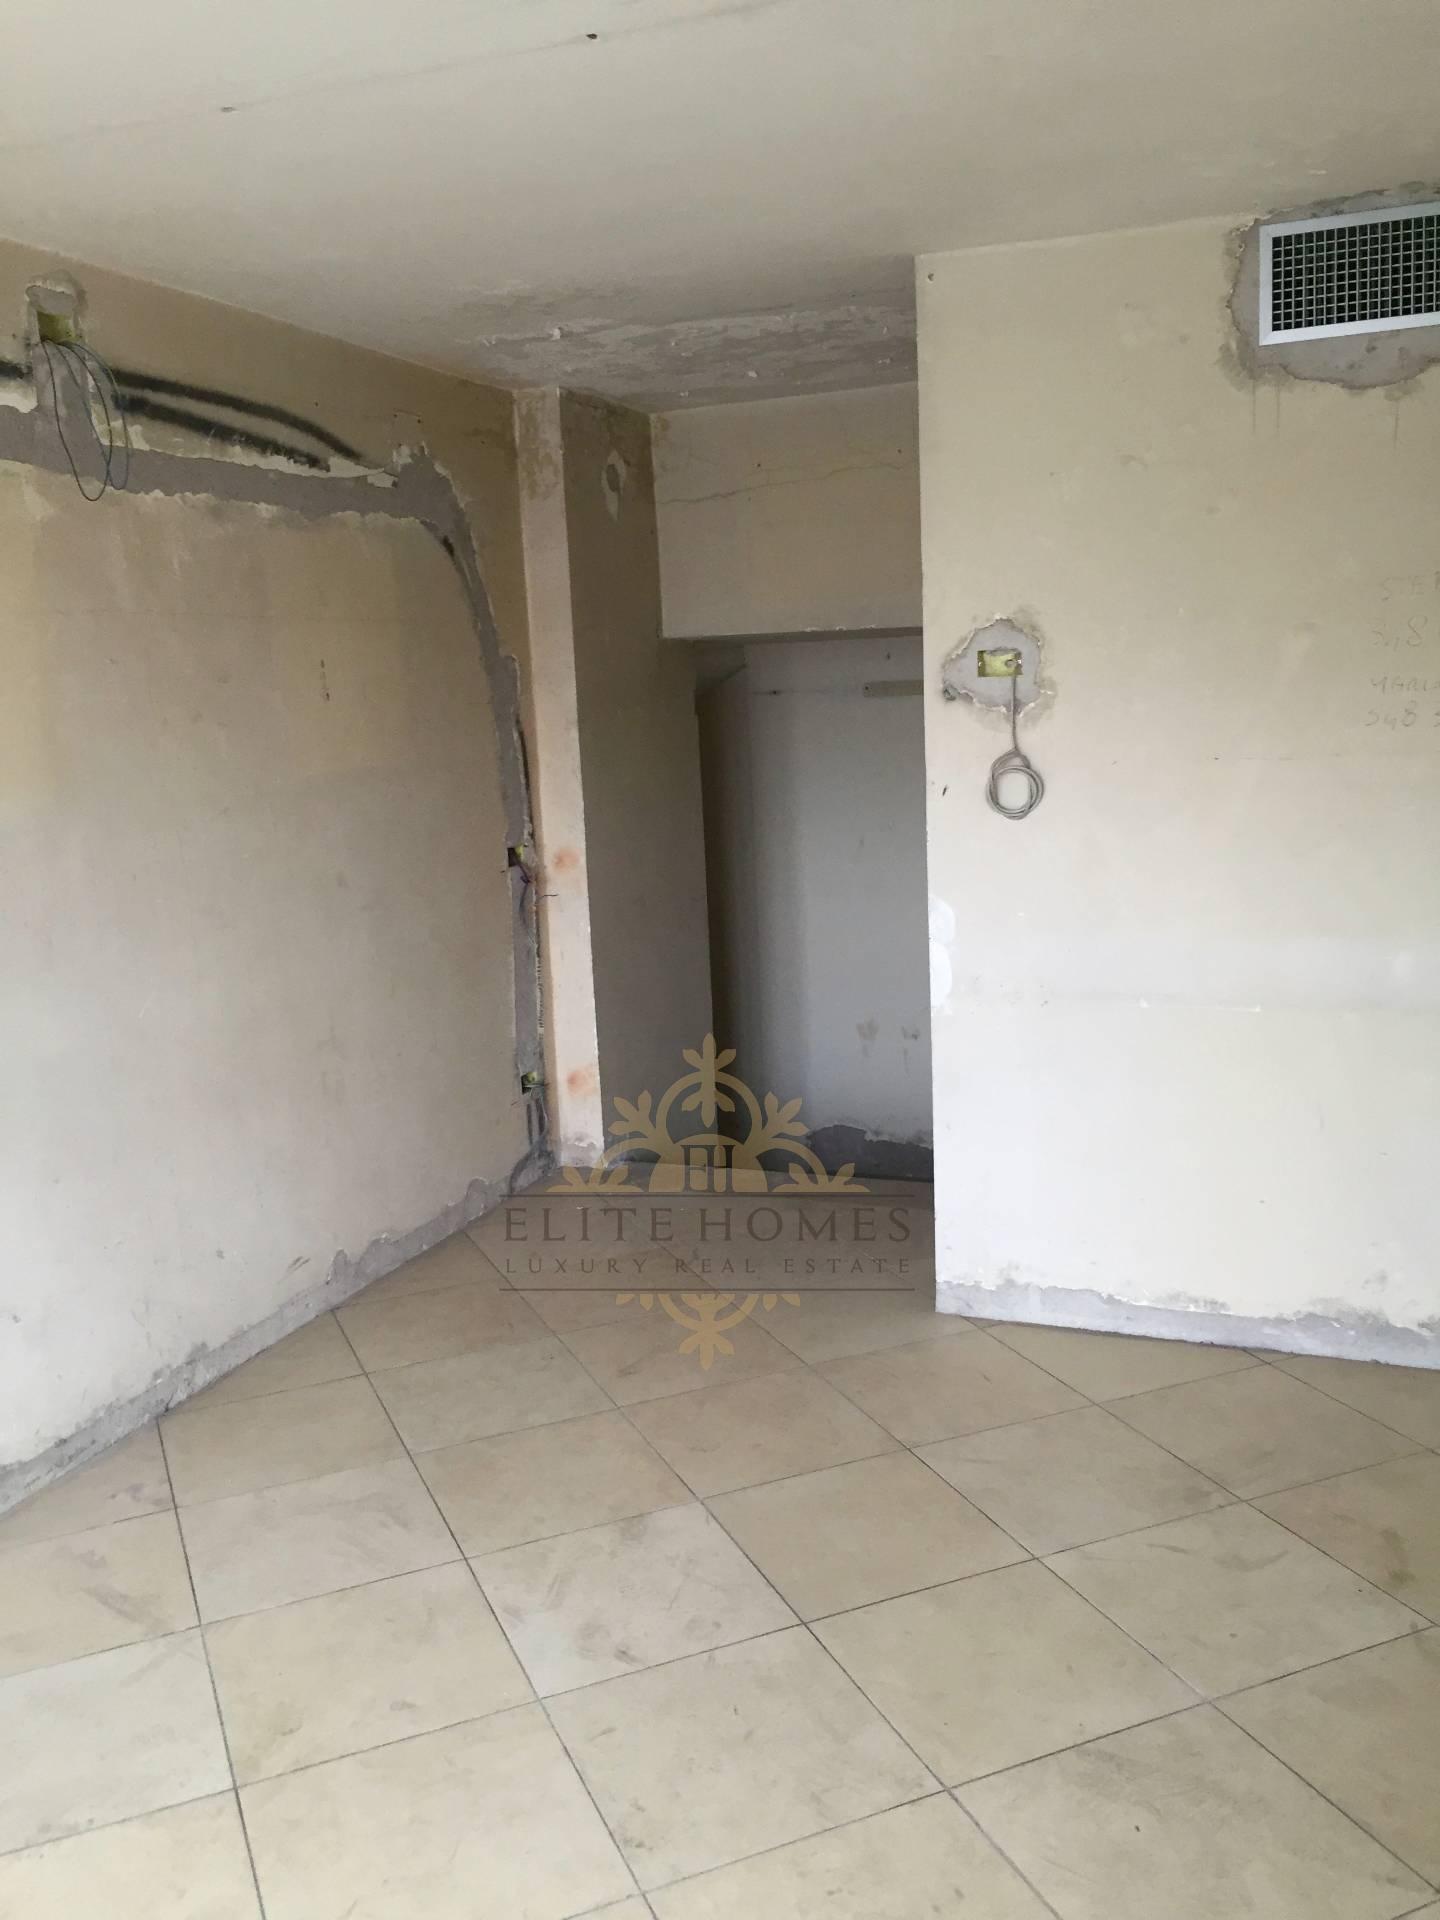 Ufficio / Studio in vendita a Verona, 6 locali, zona Zona: 1 . ZTL - Piazza Cittadella - San Zeno - Stadio, prezzo € 290.000 | Cambio Casa.it